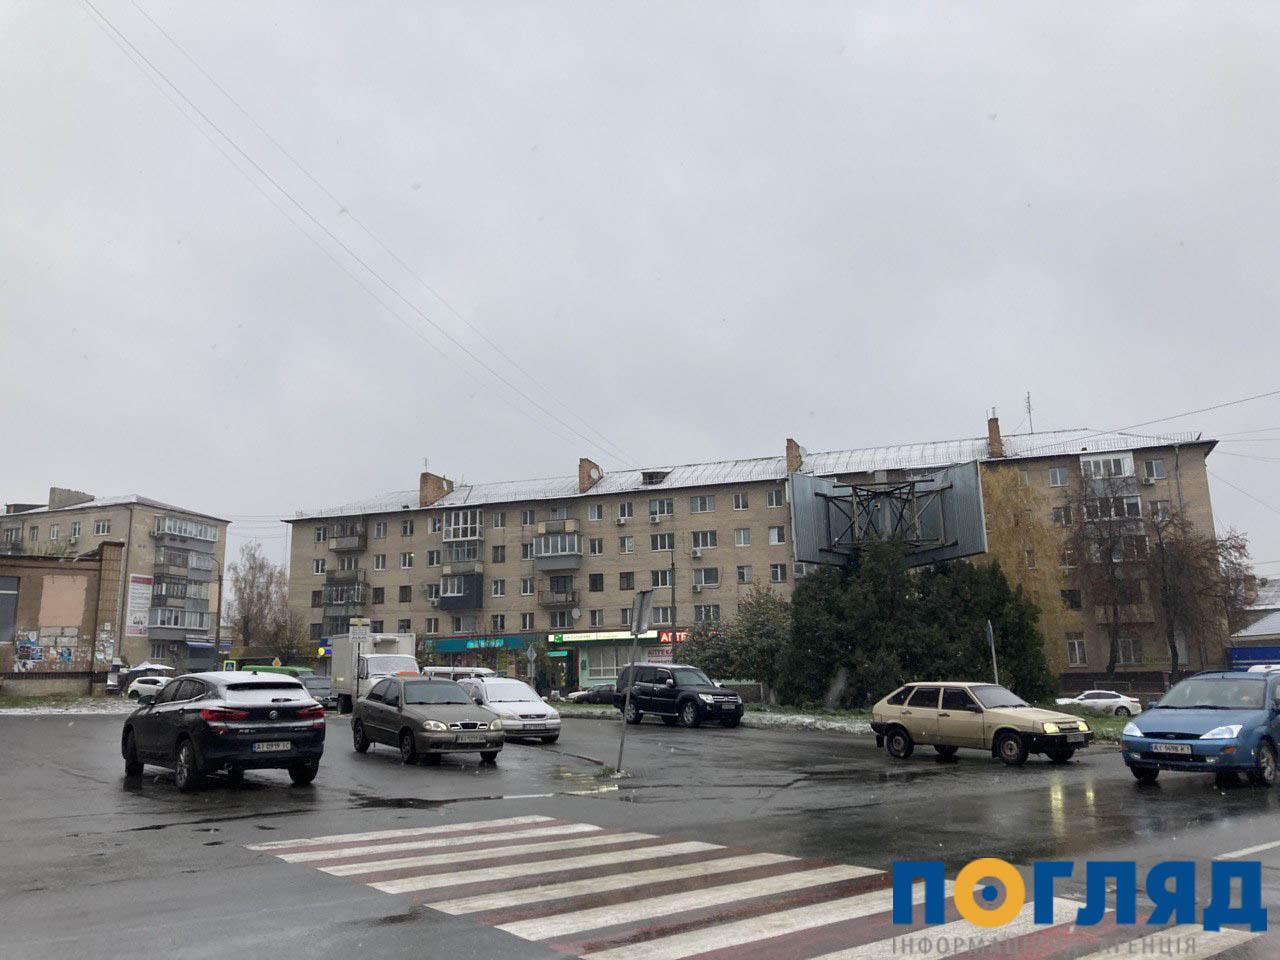 Засніжило: на Київщині випав перший сніг (ФОТО) - сніг, погода, перший сніг - 17 sneg Vasylkov2